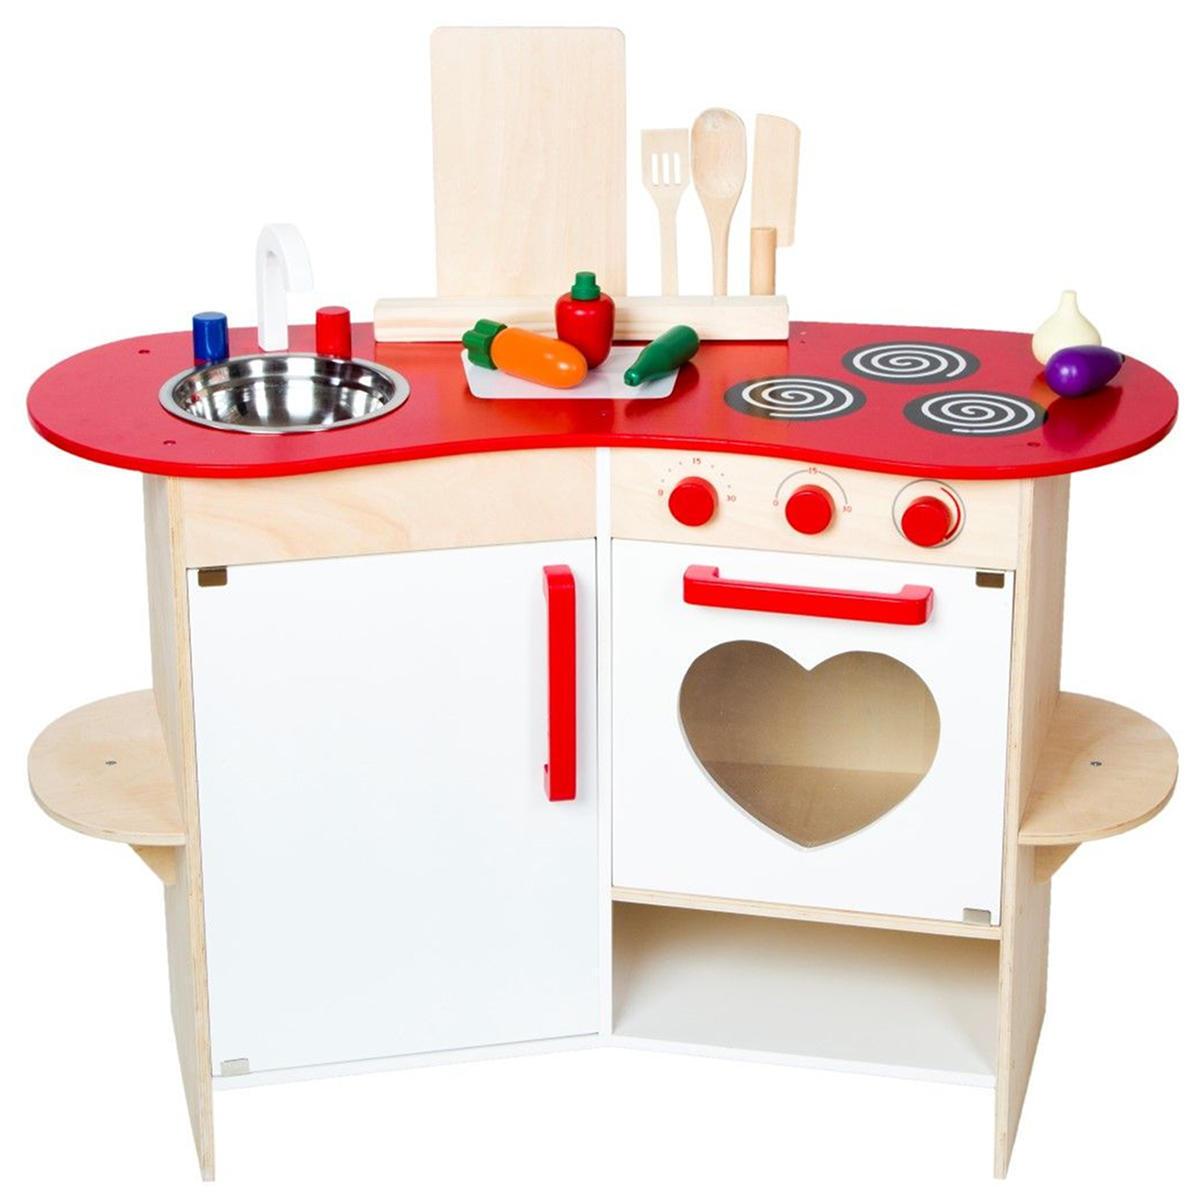 Kinderküche aus Holz Spielküche Kochen Kinder Spielzeug Holzküche weiß rot Herz